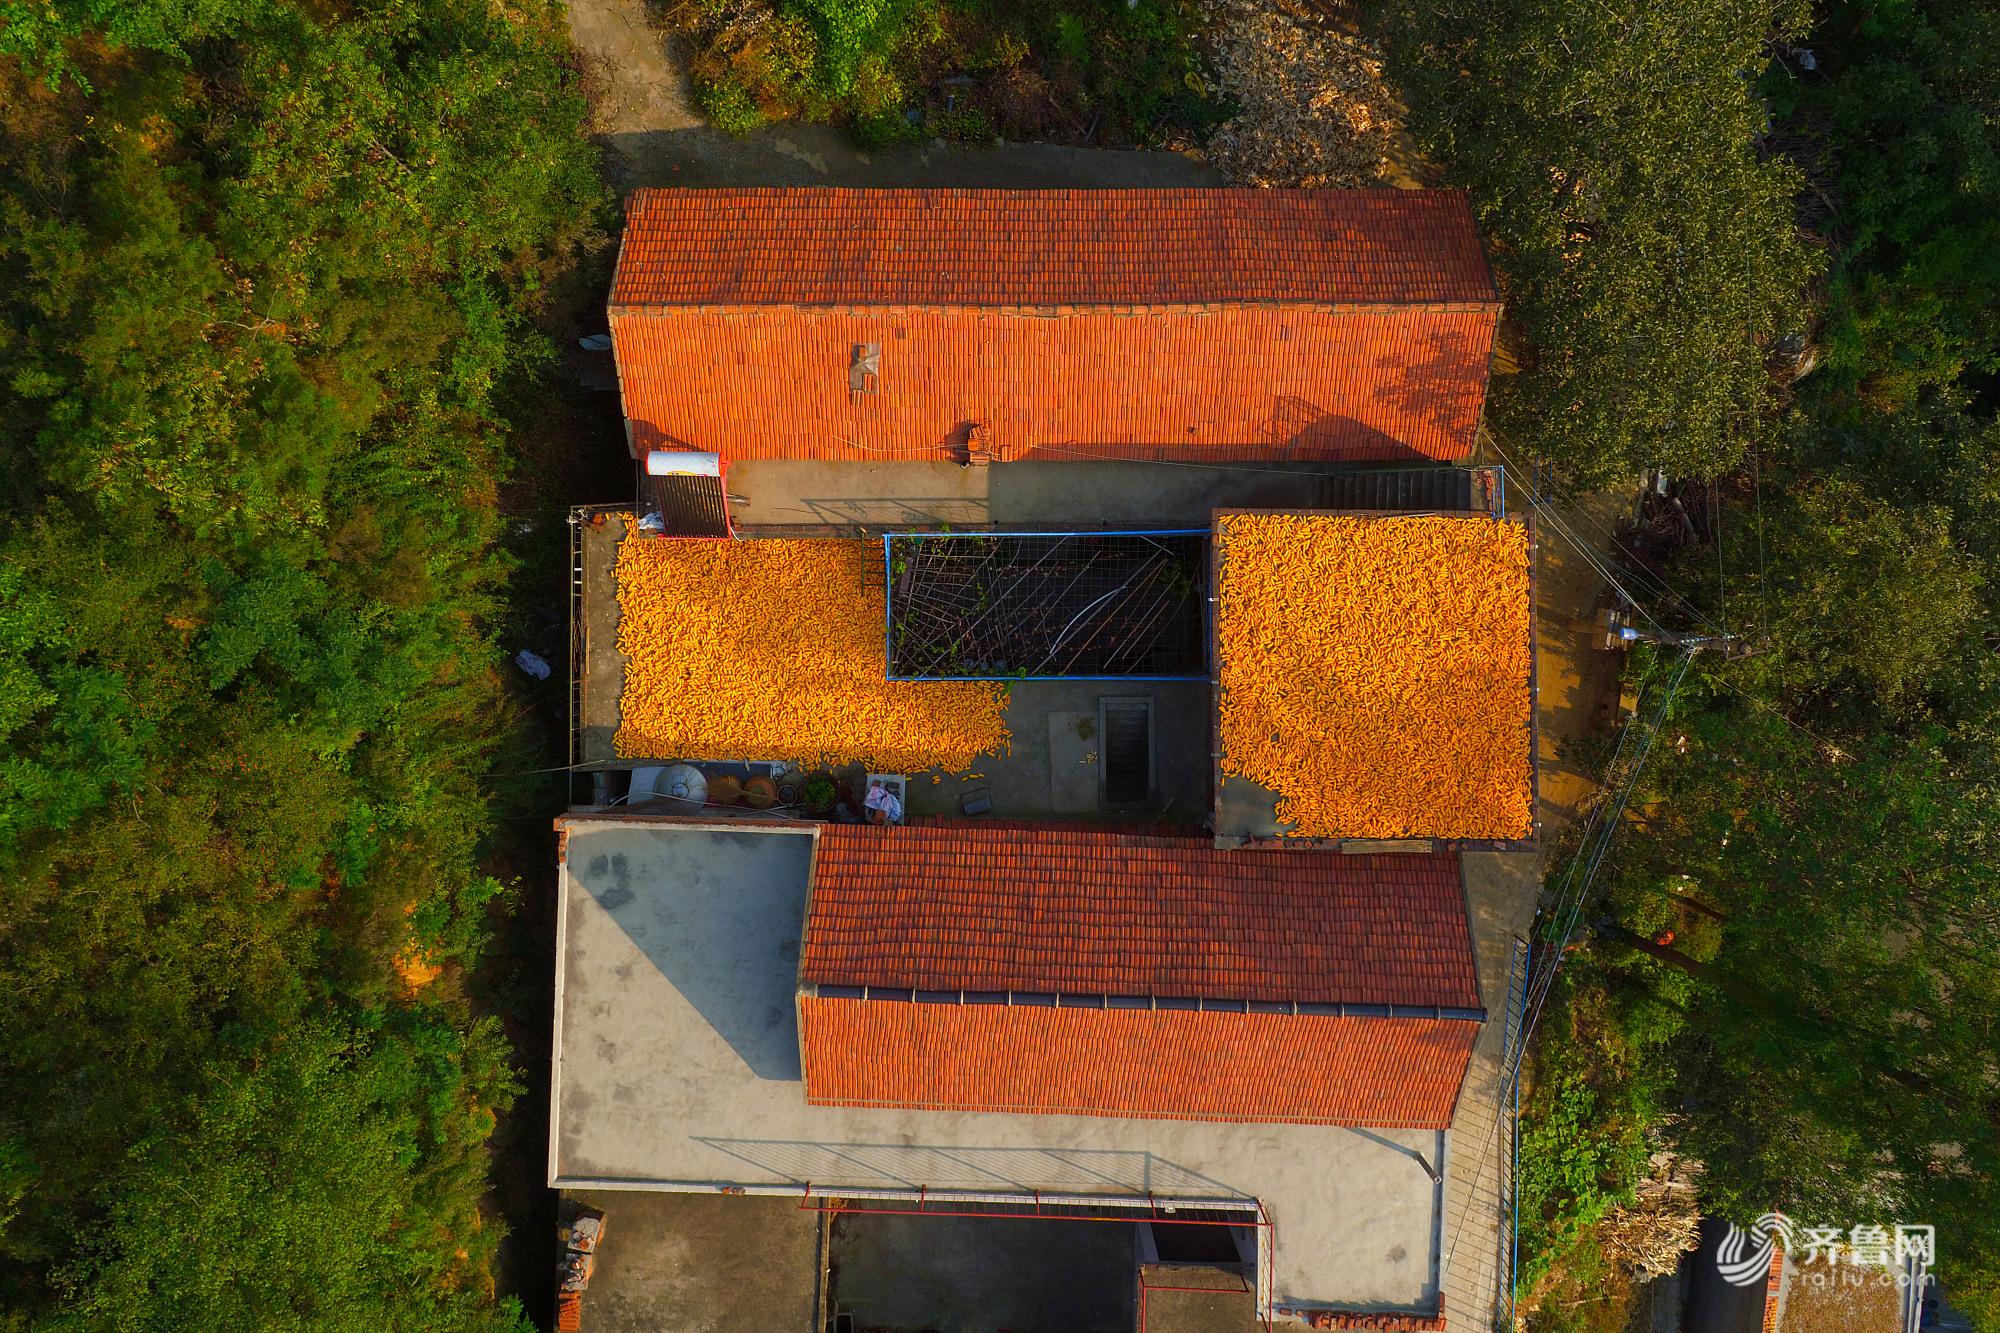 章丘山区农民屋顶晒秋 色彩斑斓似天然画作